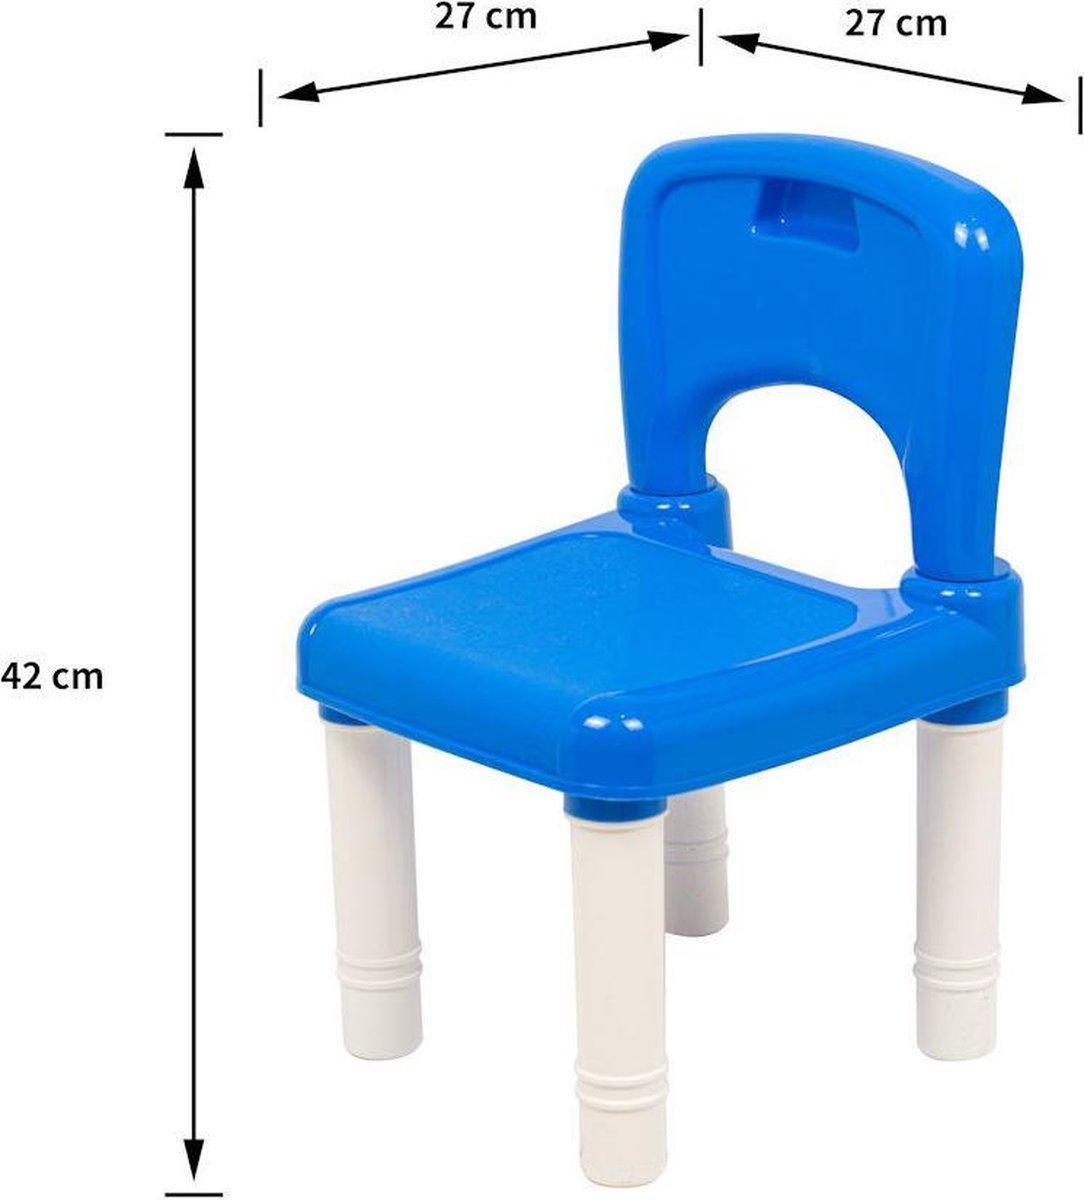 Decopatent® - Kindertafel met 2 Stoeltjes - Speeltafel met bouwplaat en vlakke kant - 4 Bakjes - Geschikt voor Lego® Bouwstenen